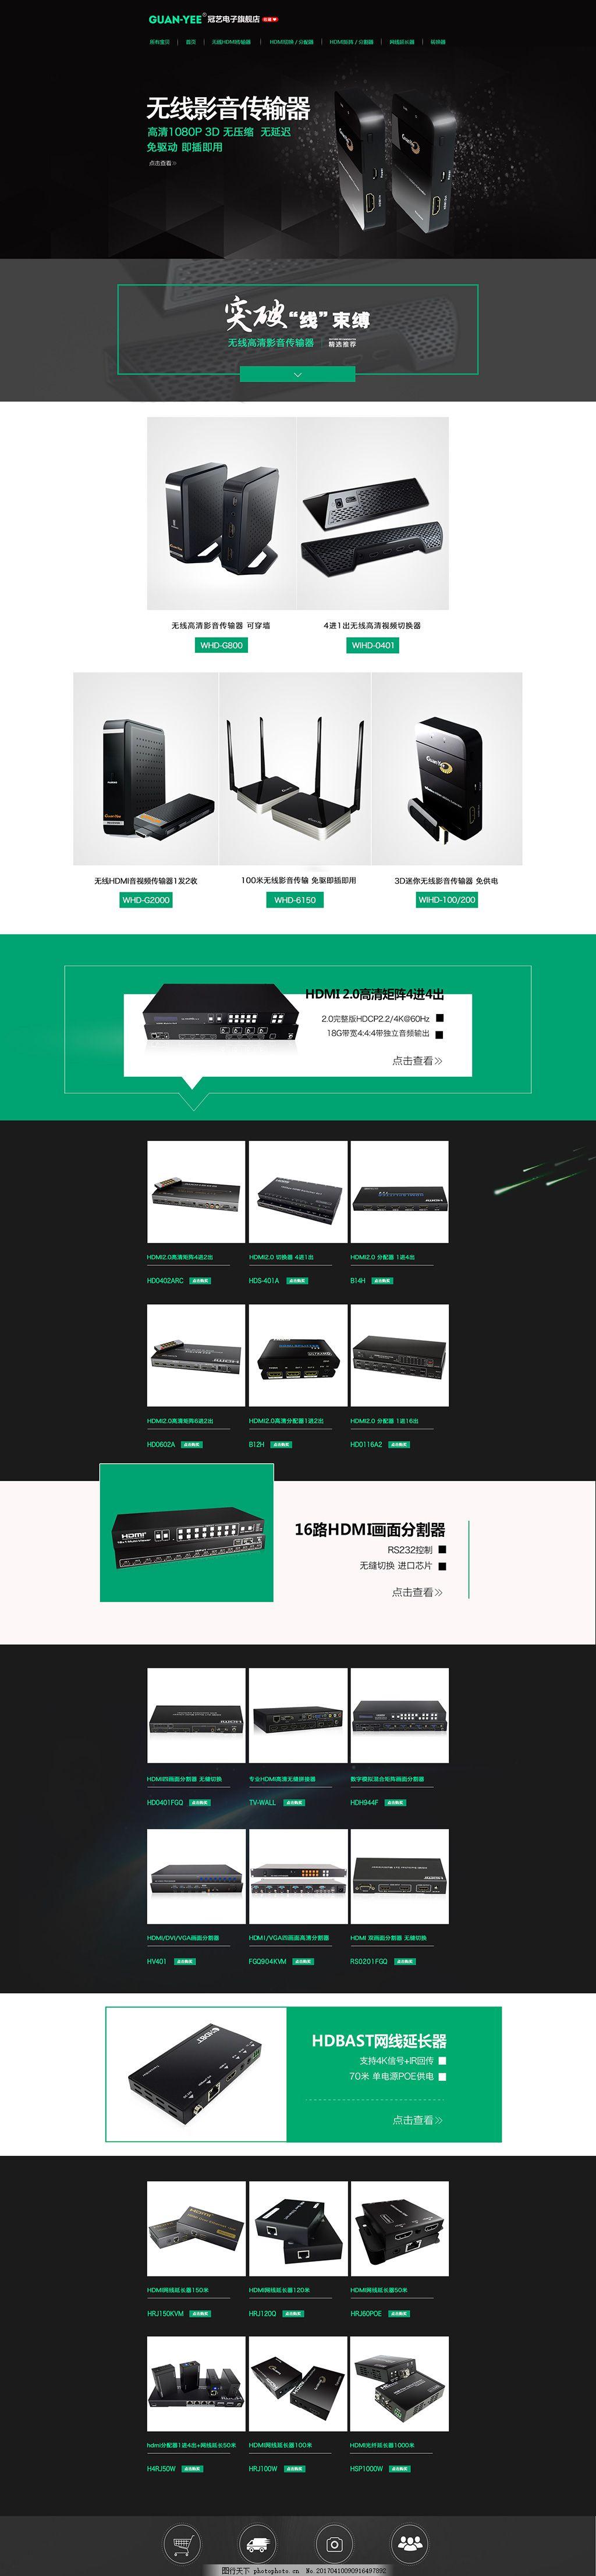 电子产品店铺首页 无线影音传输器 切换器 分割器 矩阵 产品网页